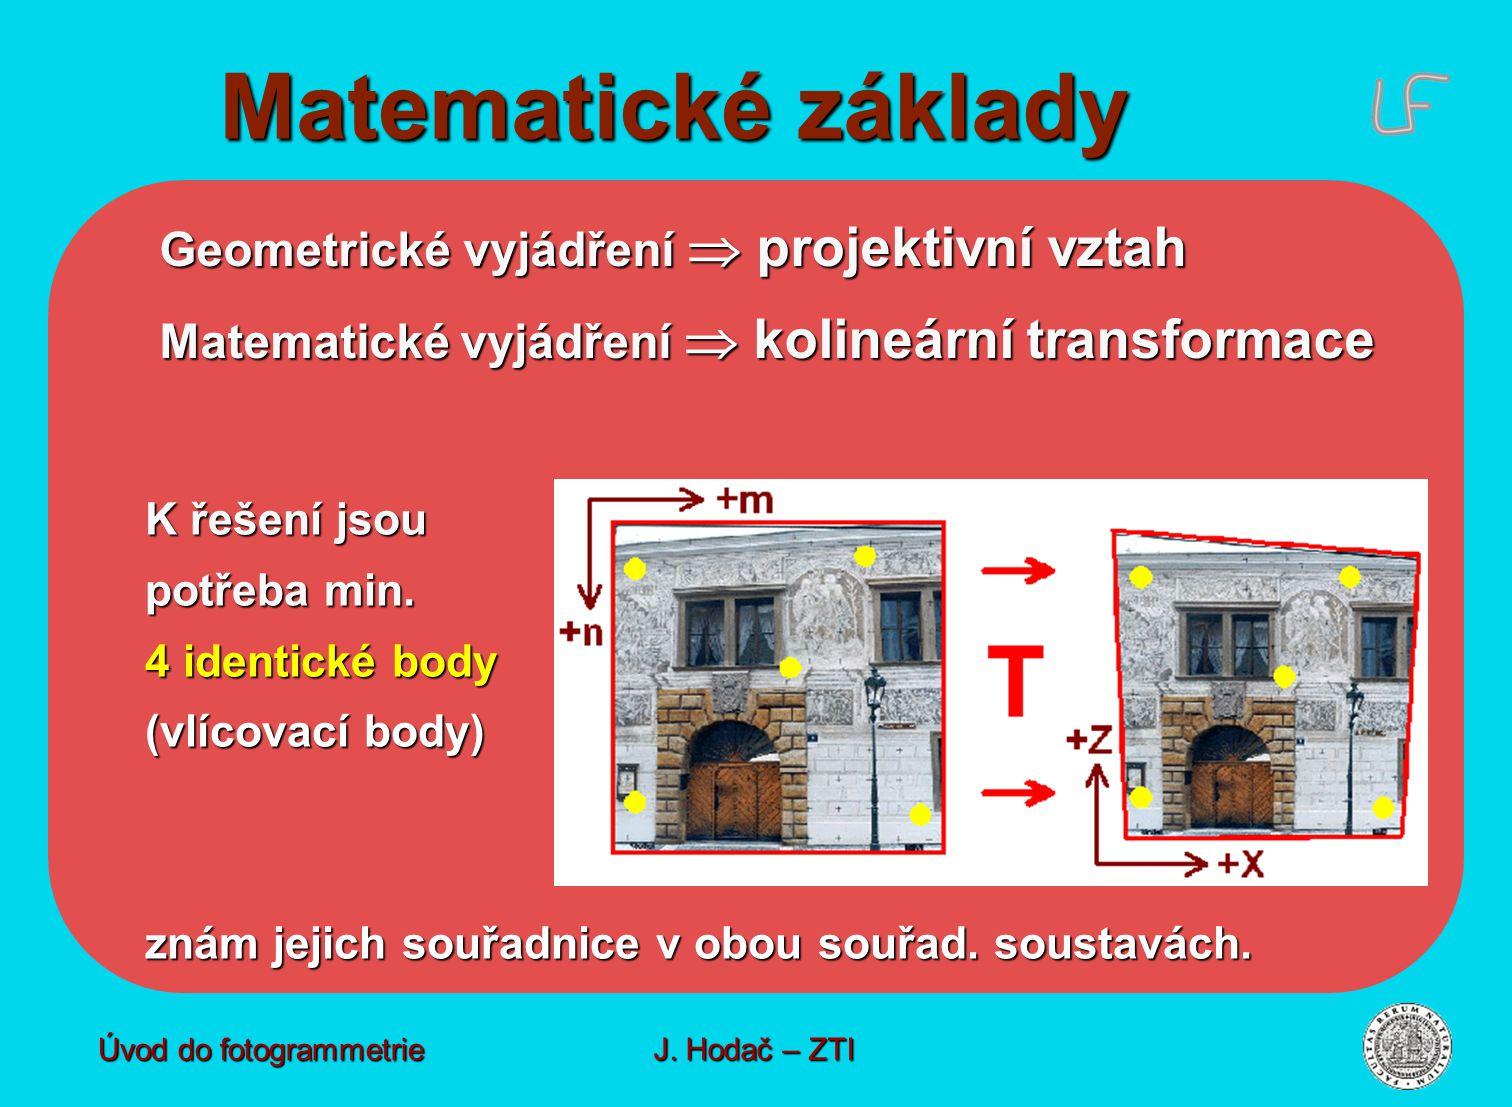 Matematické základy Matematické základy Geometrické vyjádření  projektivní vztah Matematické vyjádření  kolineární transformace K řešení jsou potřeb